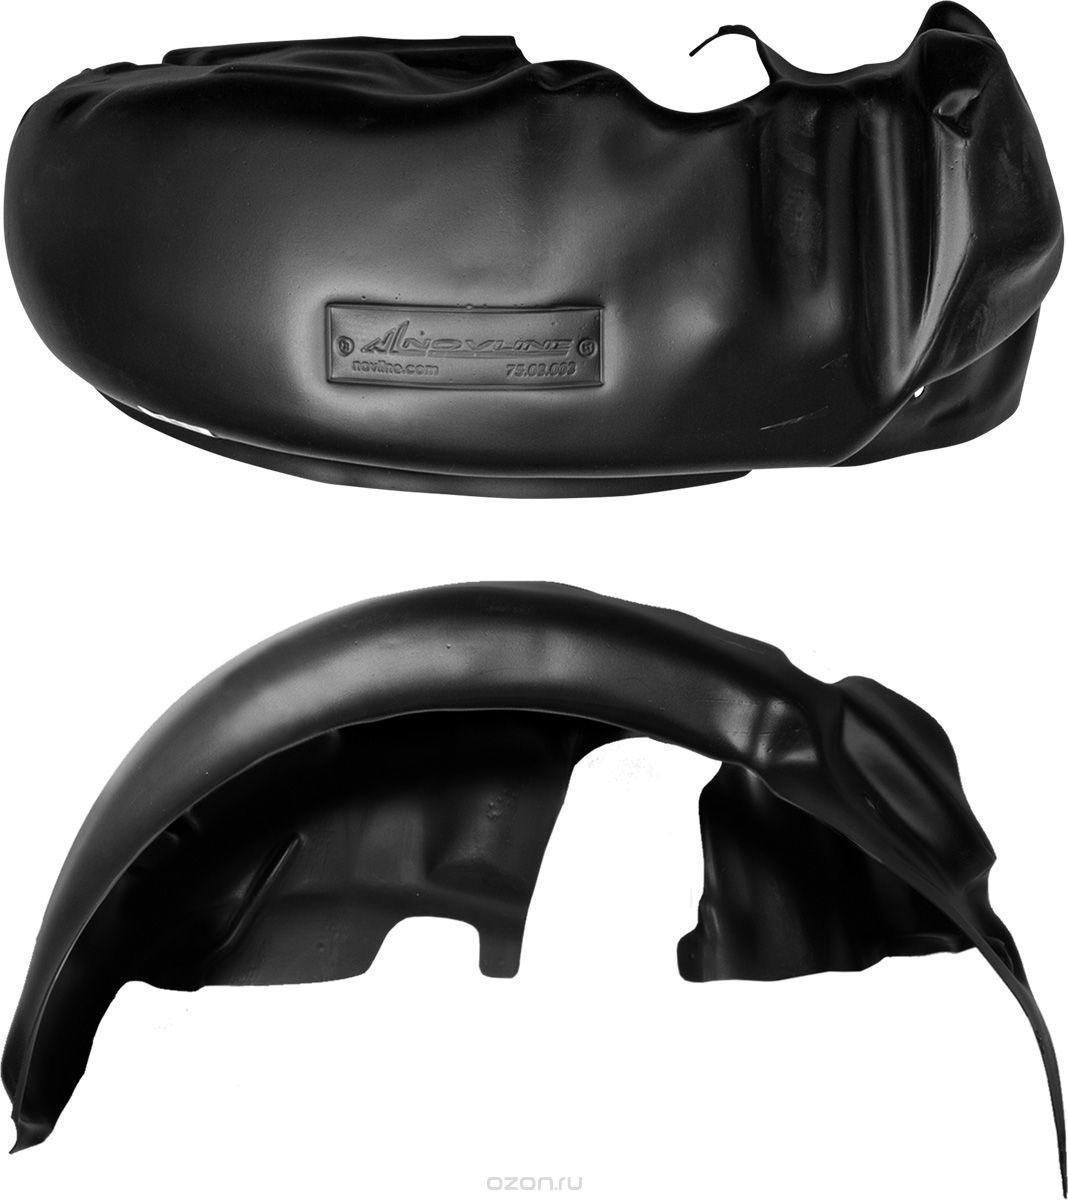 Подкрылок Novline-Autofamily, для MAZDA CX-5, 03/2015->, задний правыйNLL.33.21.004Идеальная защита колесной ниши. Локеры разработаны с применением цифровых технологий, гарантируют максимальную повторяемость поверхности арки. Изделия устанавливаются без нарушения лакокрасочного покрытия автомобиля, каждый подкрылок комплектуется крепежом. Уважаемые клиенты, обращаем ваше внимание, что фотографии на подкрылки универсальные и не отражают реальную форму изделия. При этом само изделие идет точно под размер указанного автомобиля.